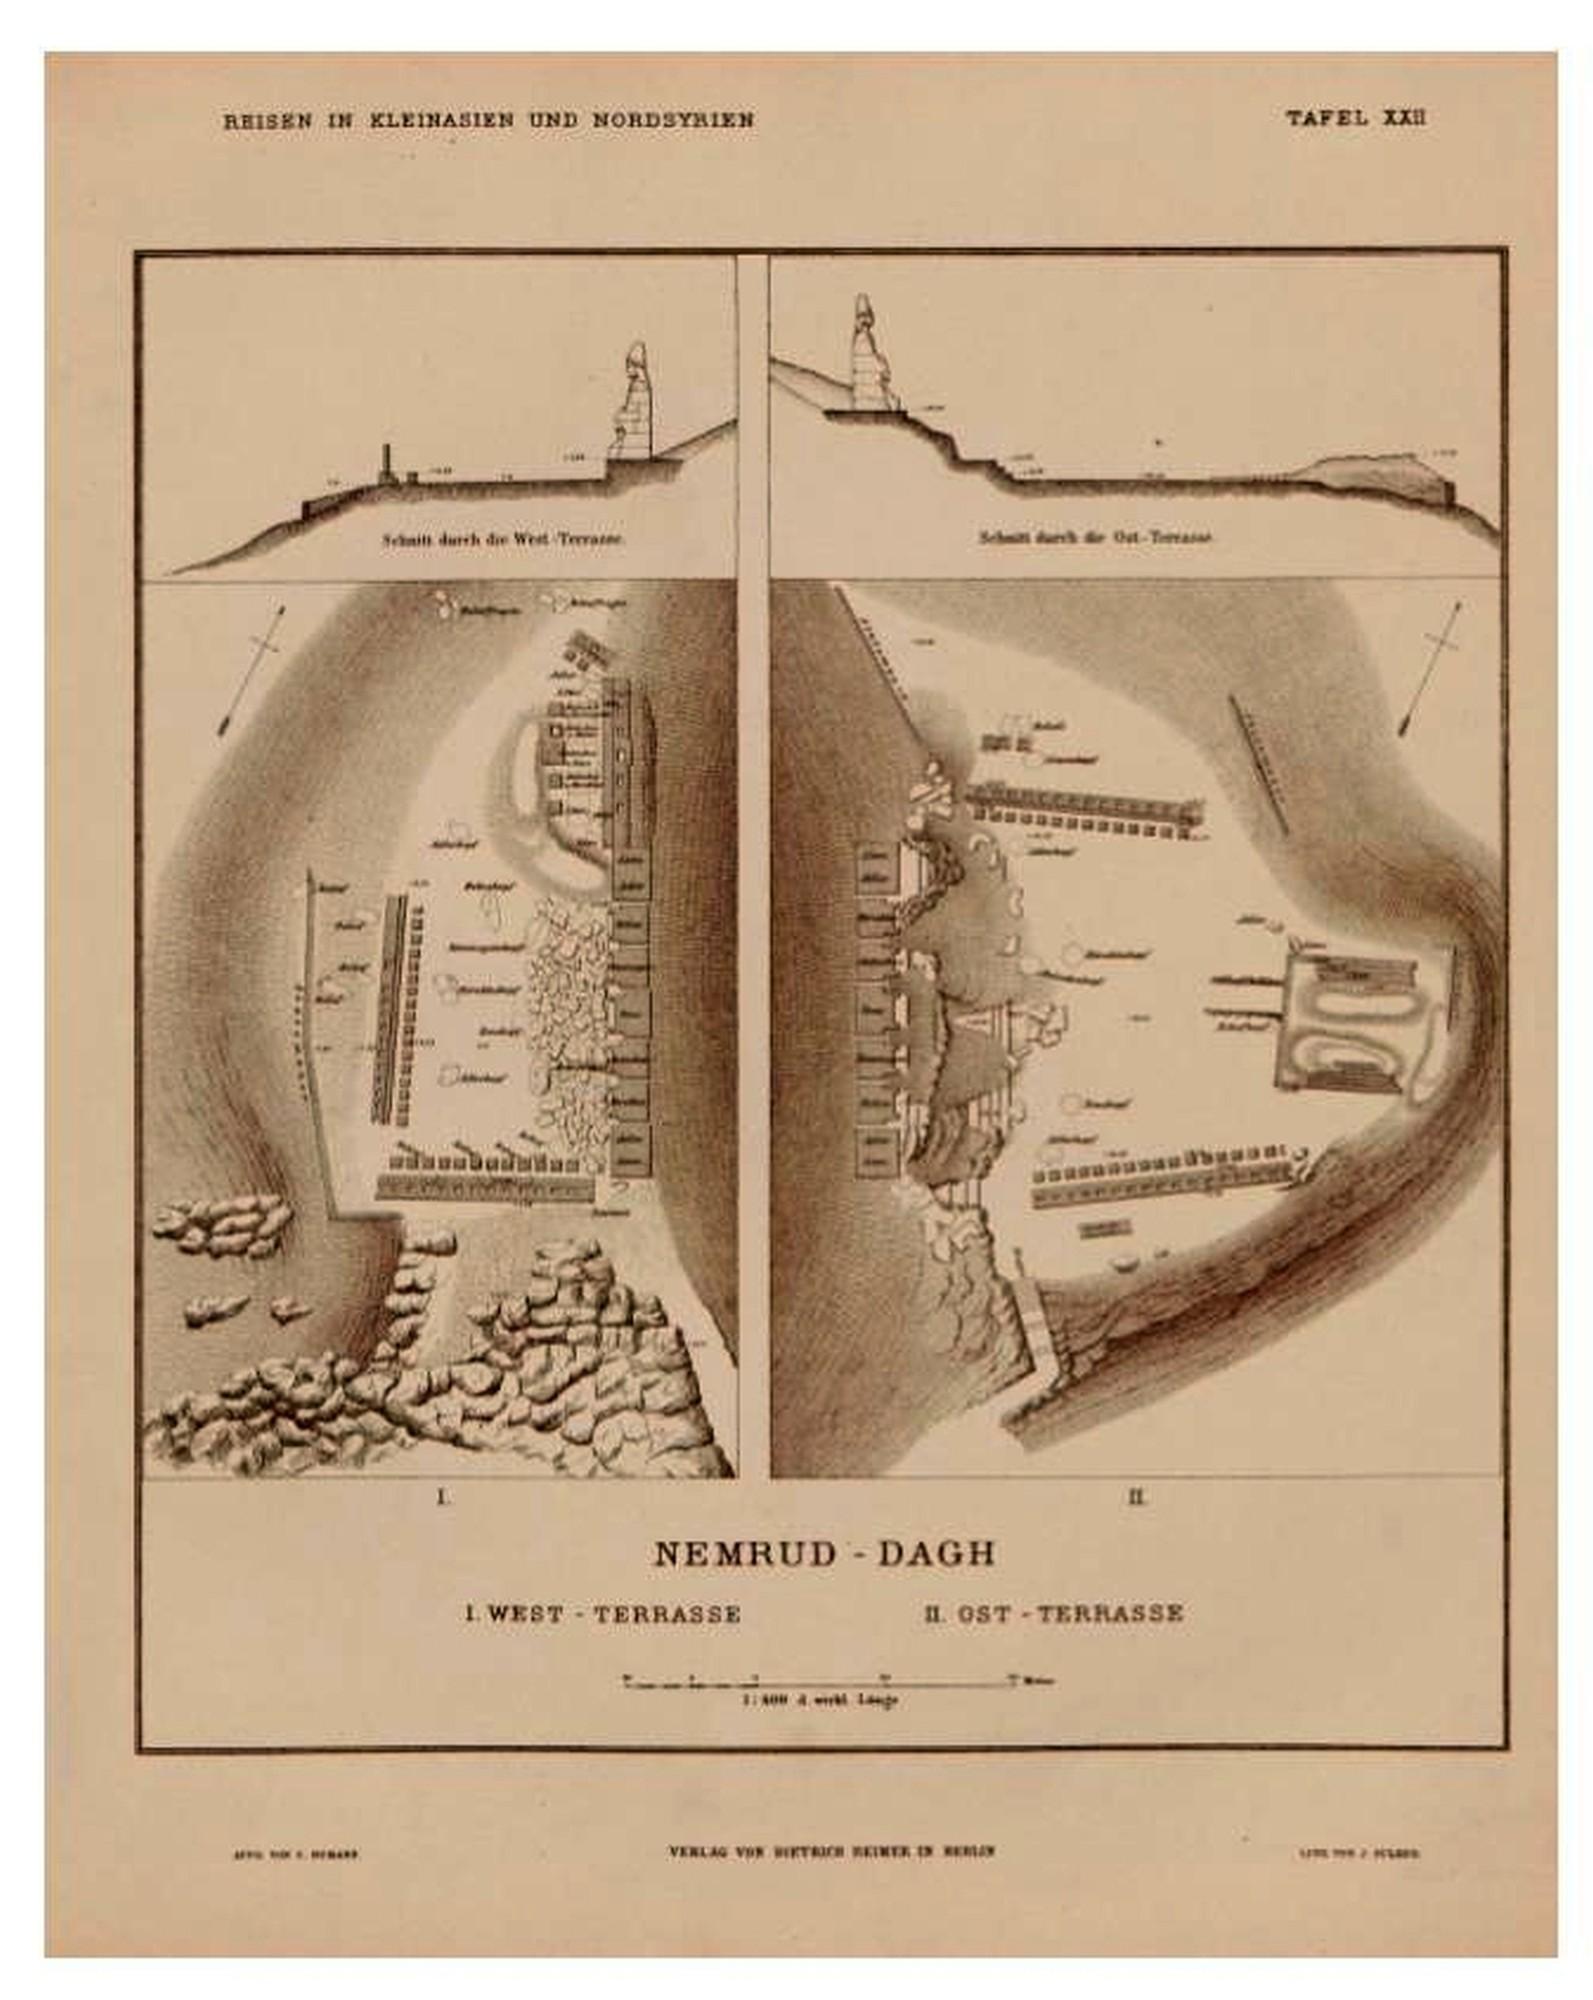 Plantas de West e East Terrace no Monte Nemrut - de Humann, Carl i Puchstein, Otto,